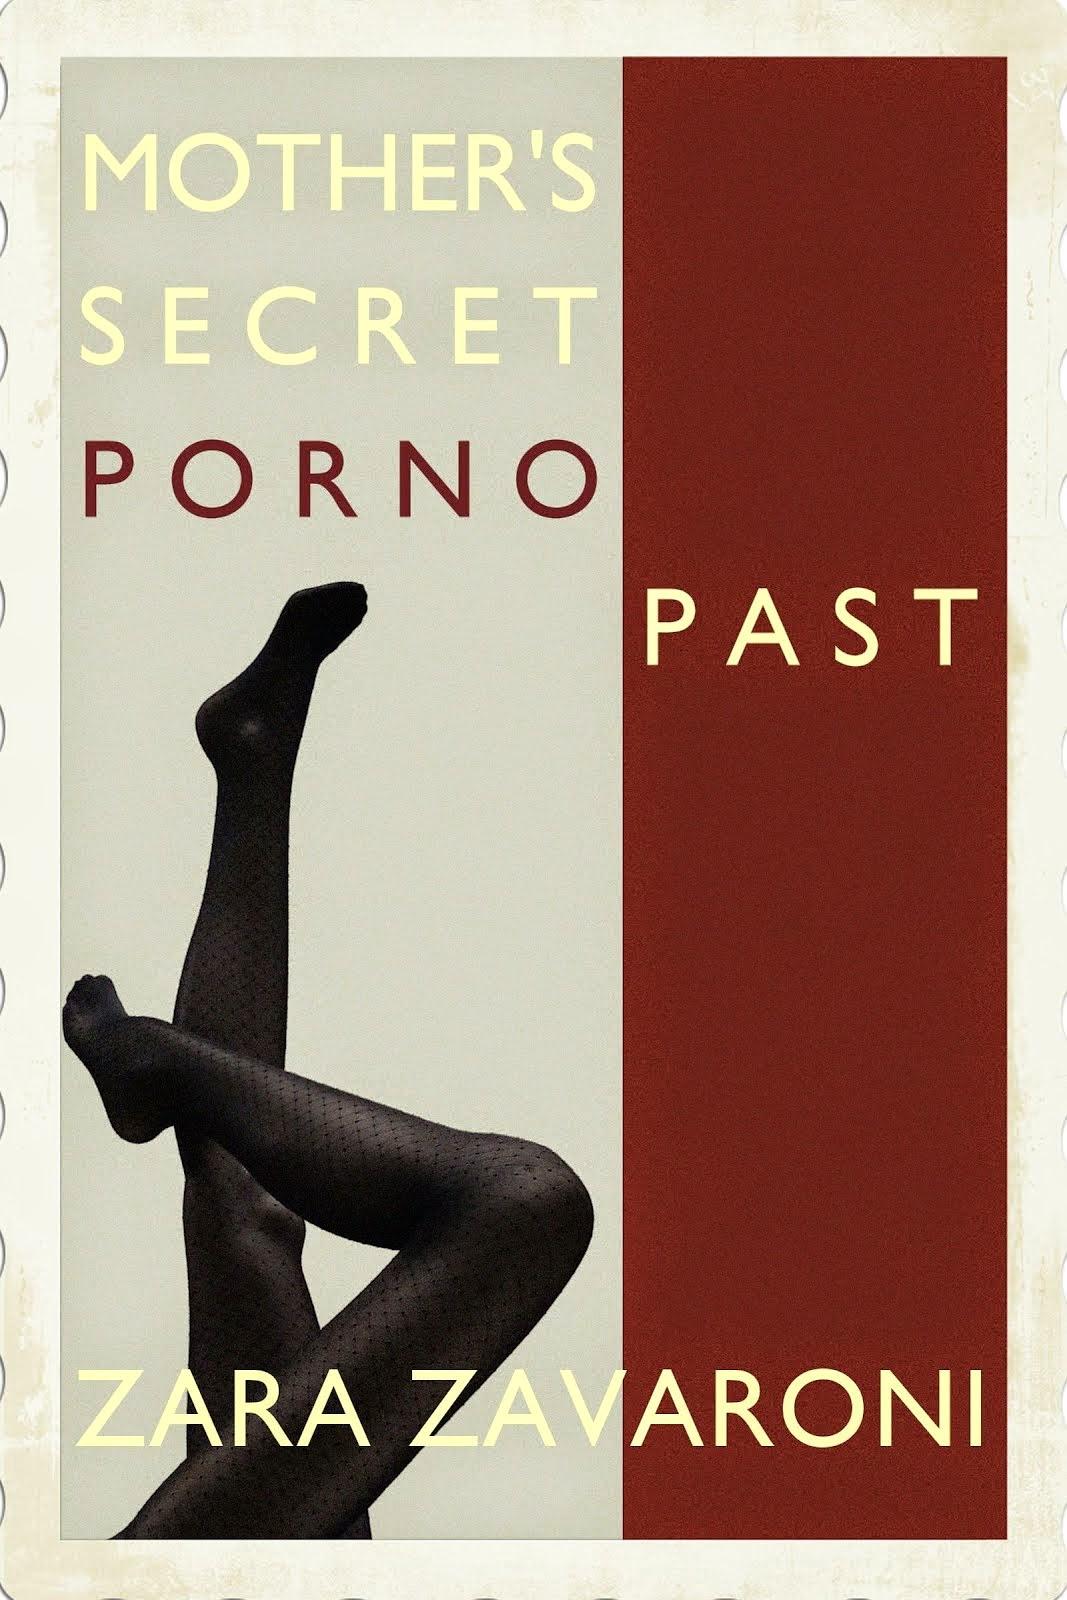 Mother's Secret Porno Past